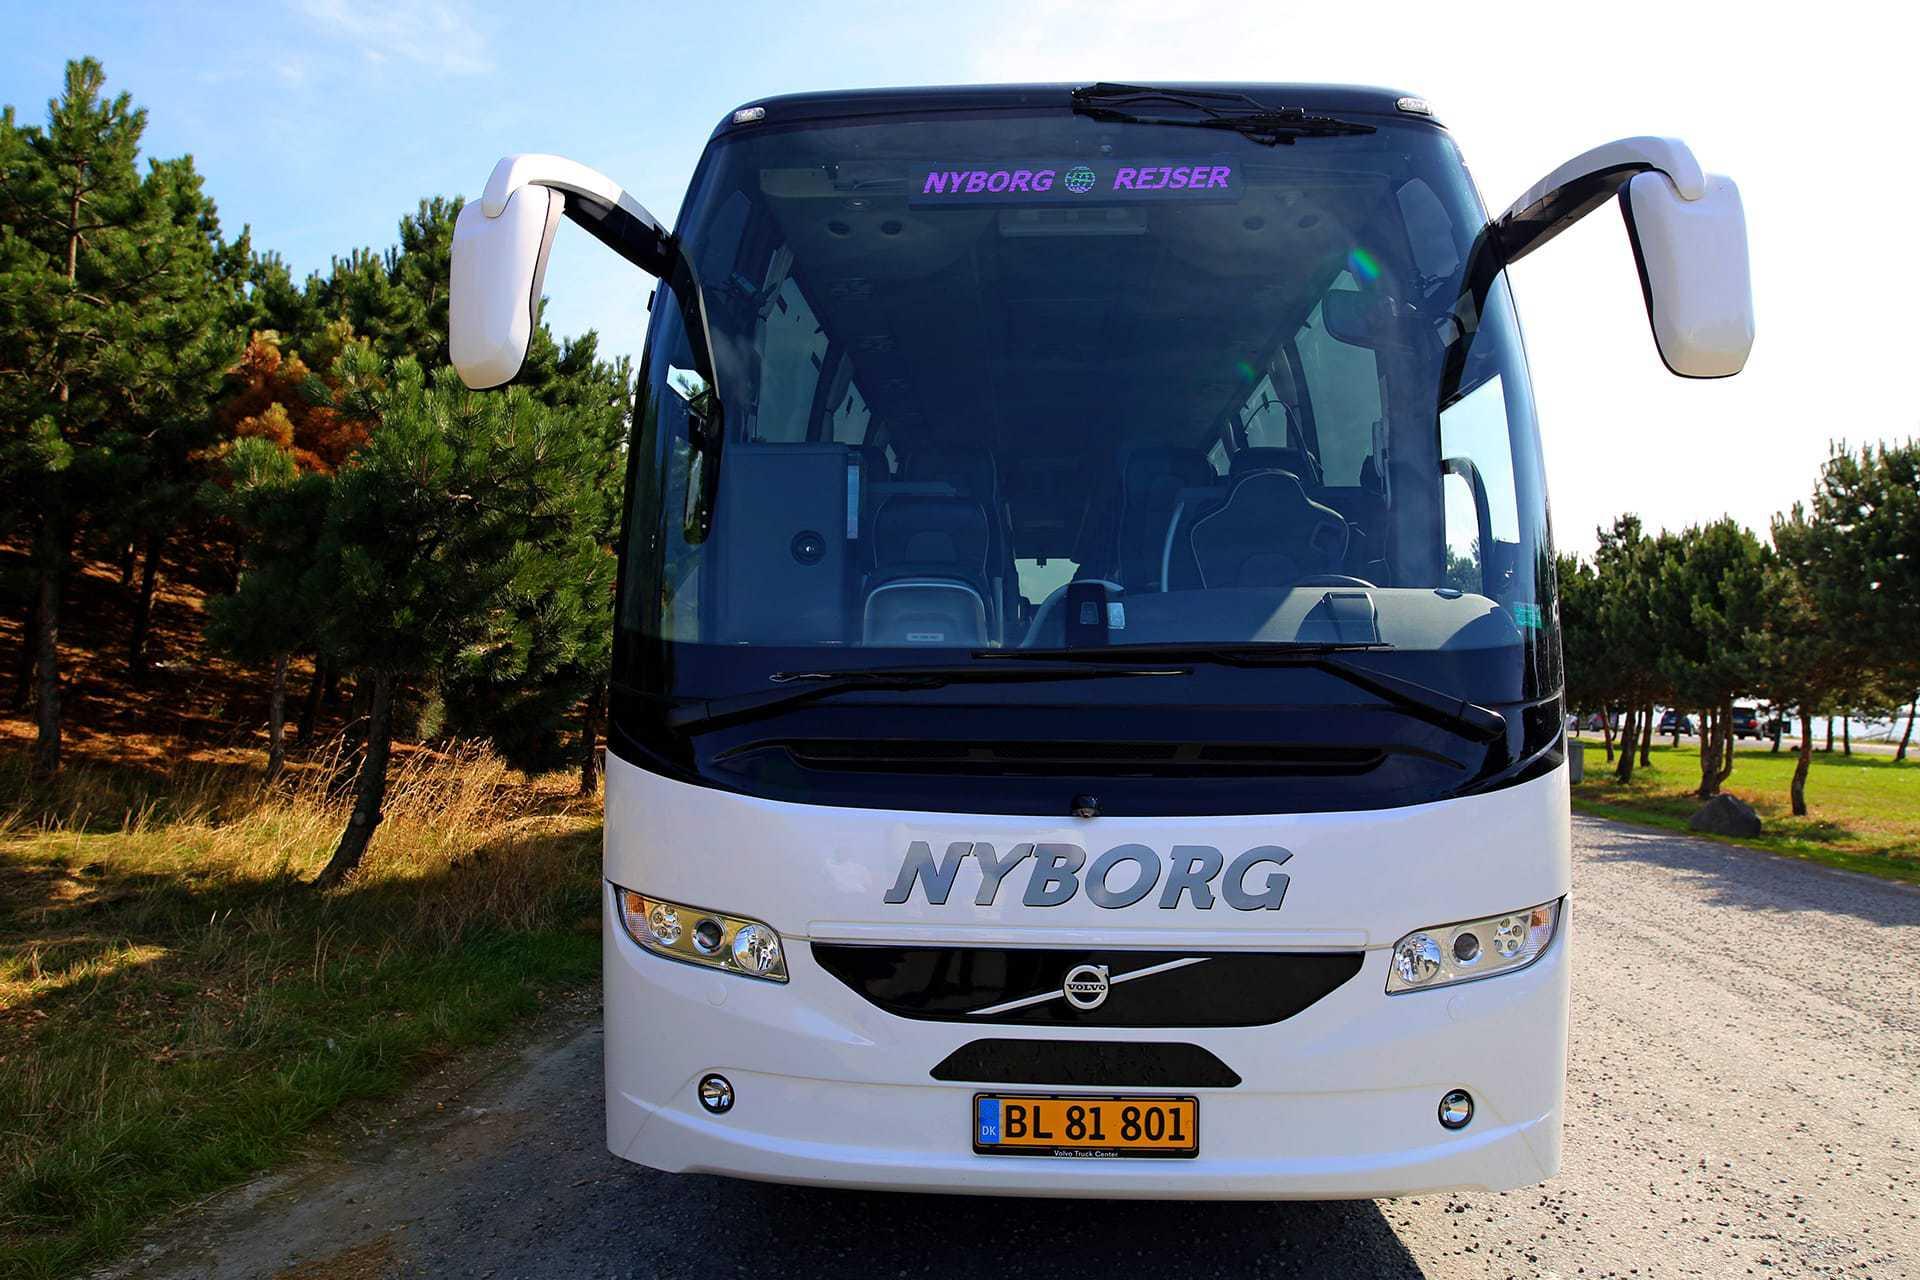 busser fra Nyborg Rejser